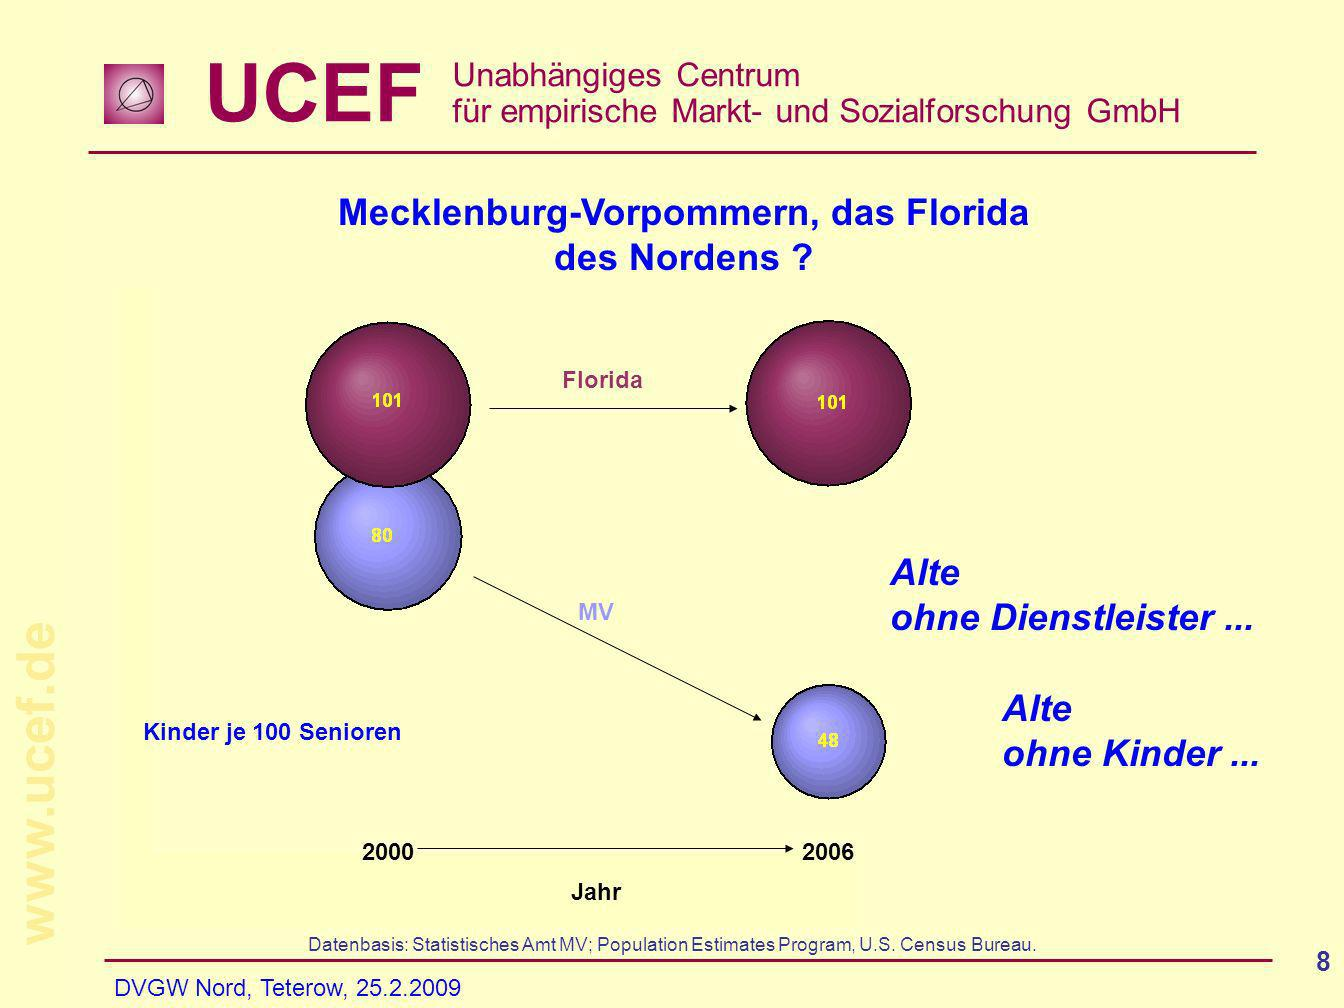 UCEF Unabhängiges Centrum für empirische Markt- und Sozialforschung GmbH www.ucef.de DVGW Nord, Teterow, 25.2.2009 19 Gemeindetypologie der Entwicklung von Einkommen und Einkommenssteuerpflichtigen 2001 vs.